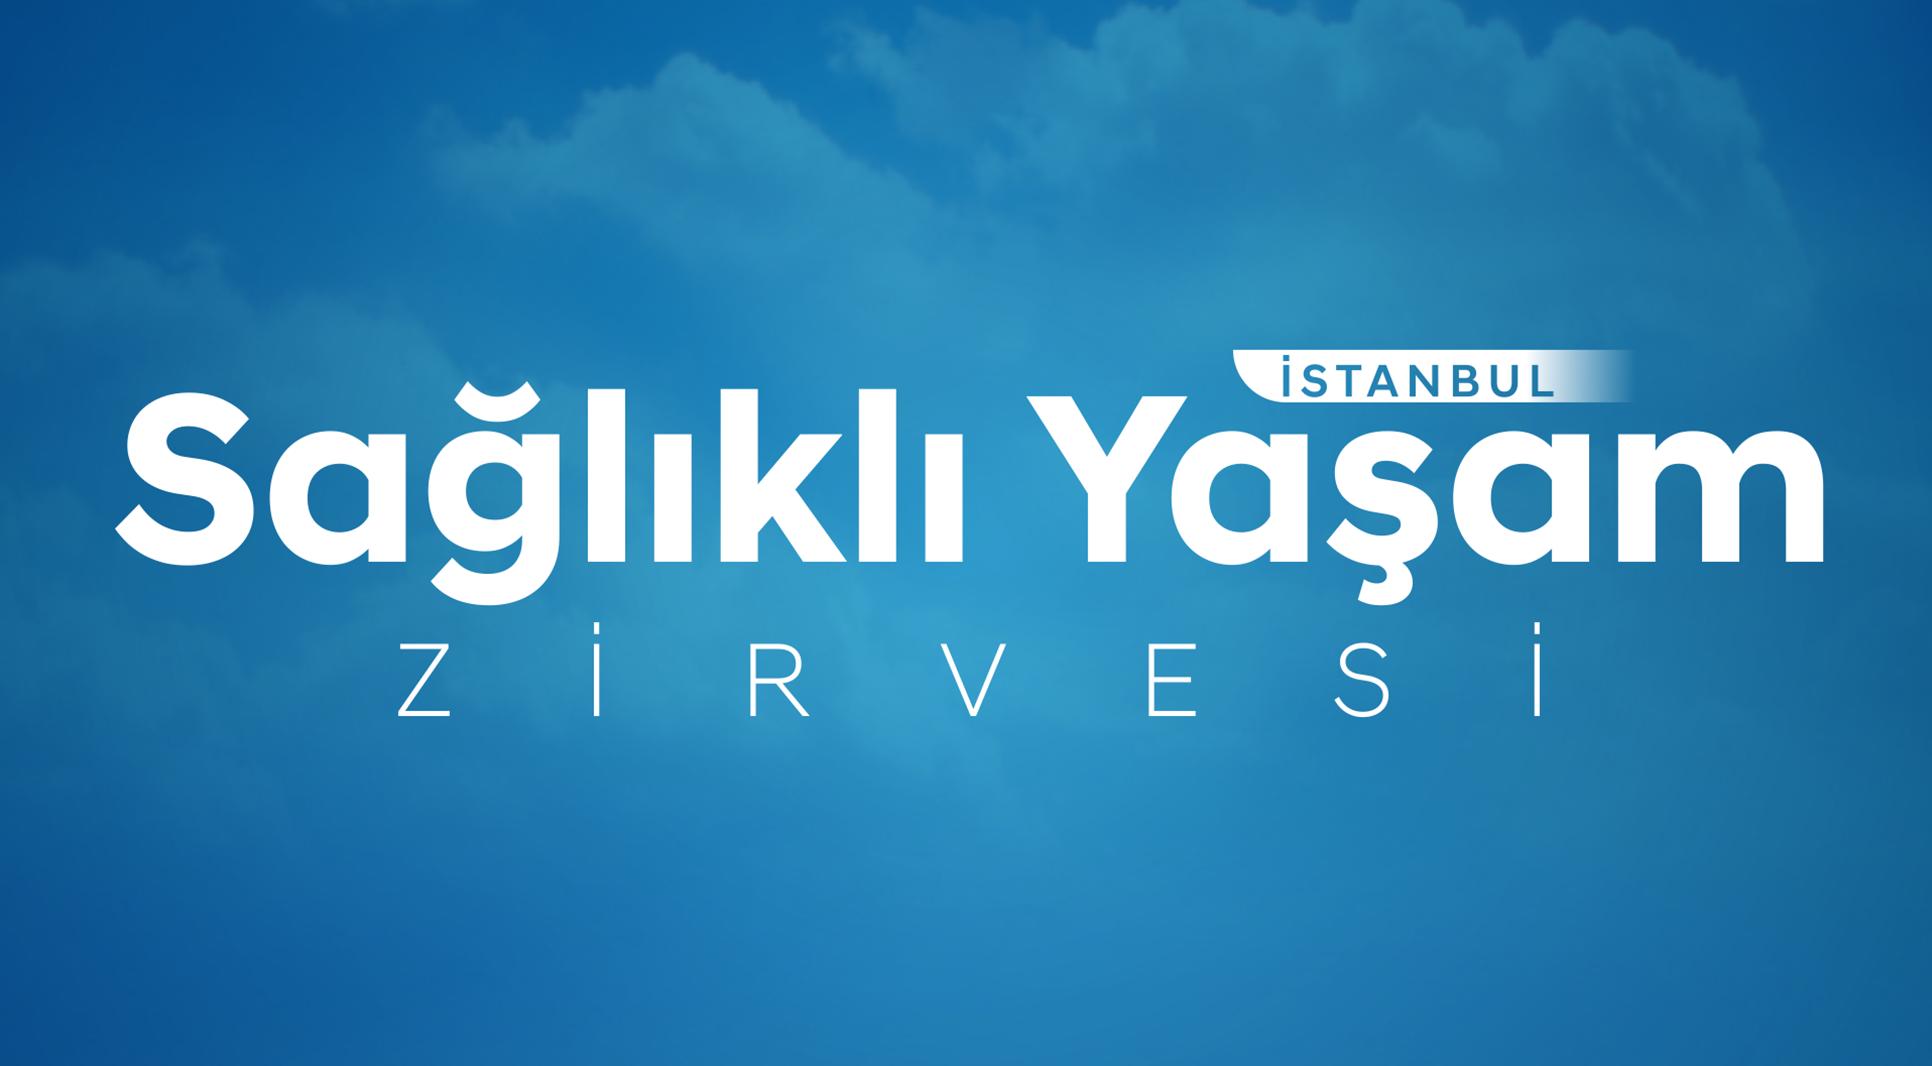 İstanbul Sağlıklı Yaşam Zirvesi